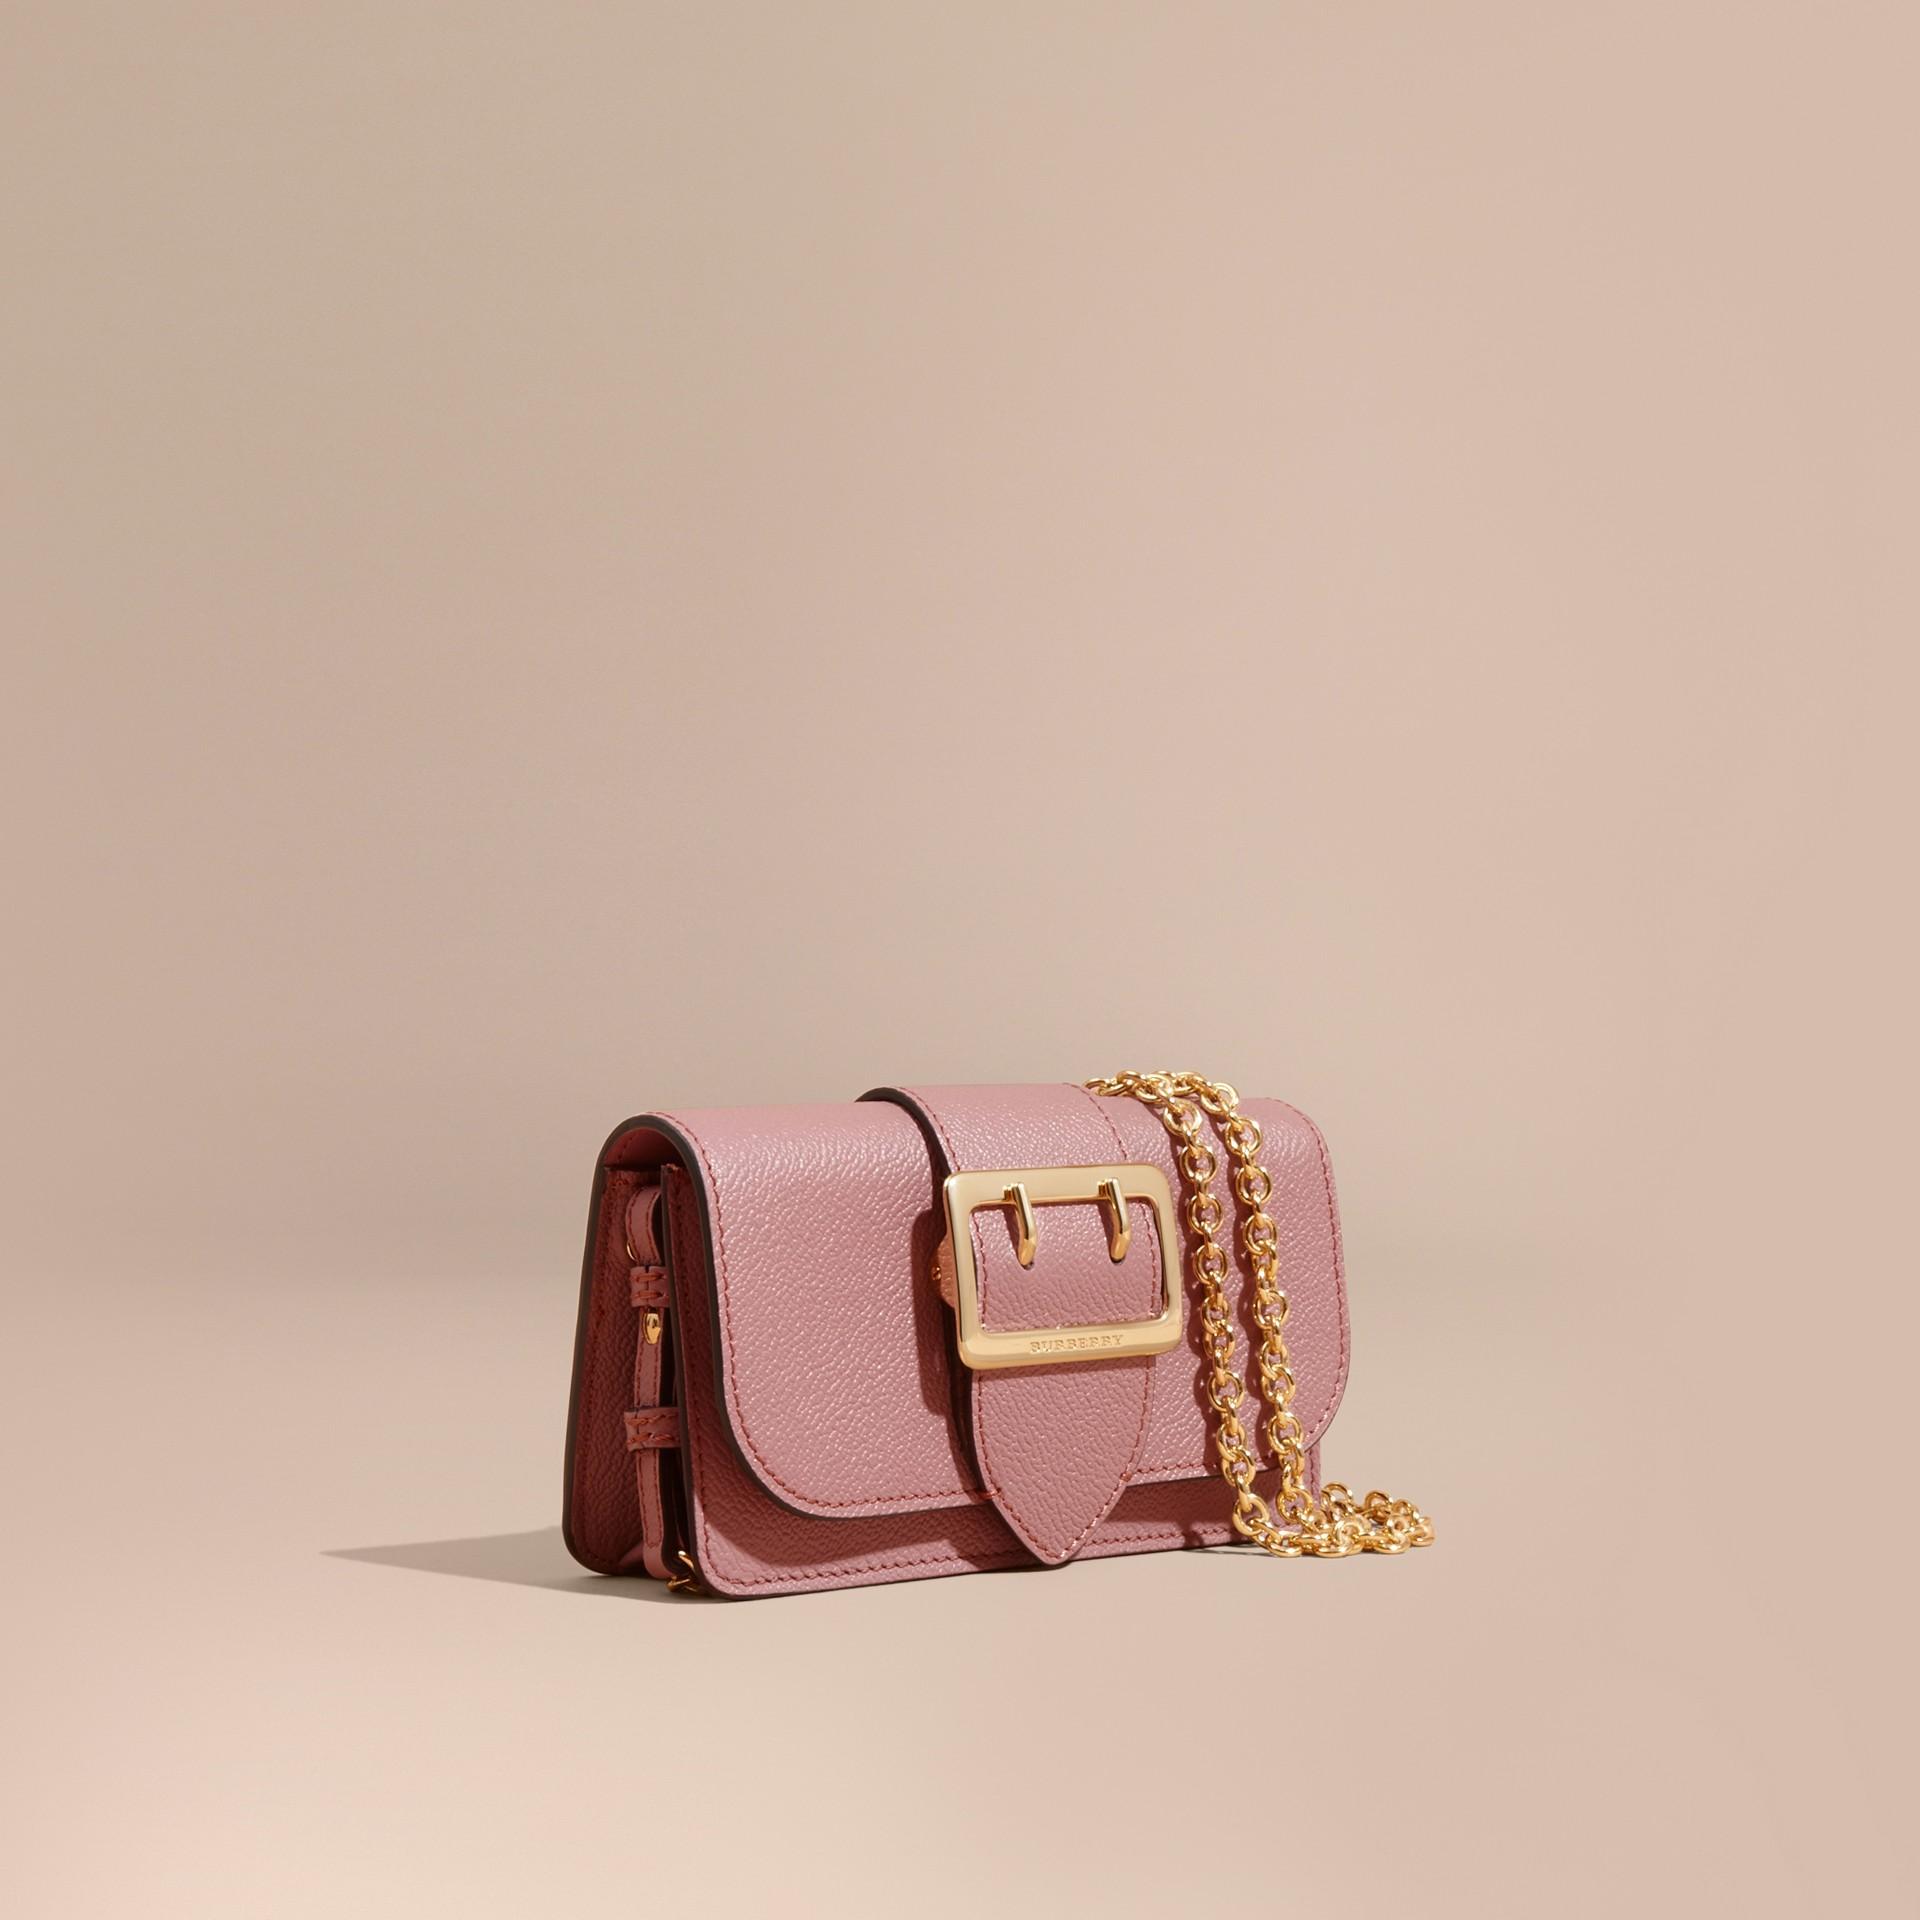 Rosa terroso Bolso Buckle mini en piel granulada Rosa Terroso - imagen de la galería 1